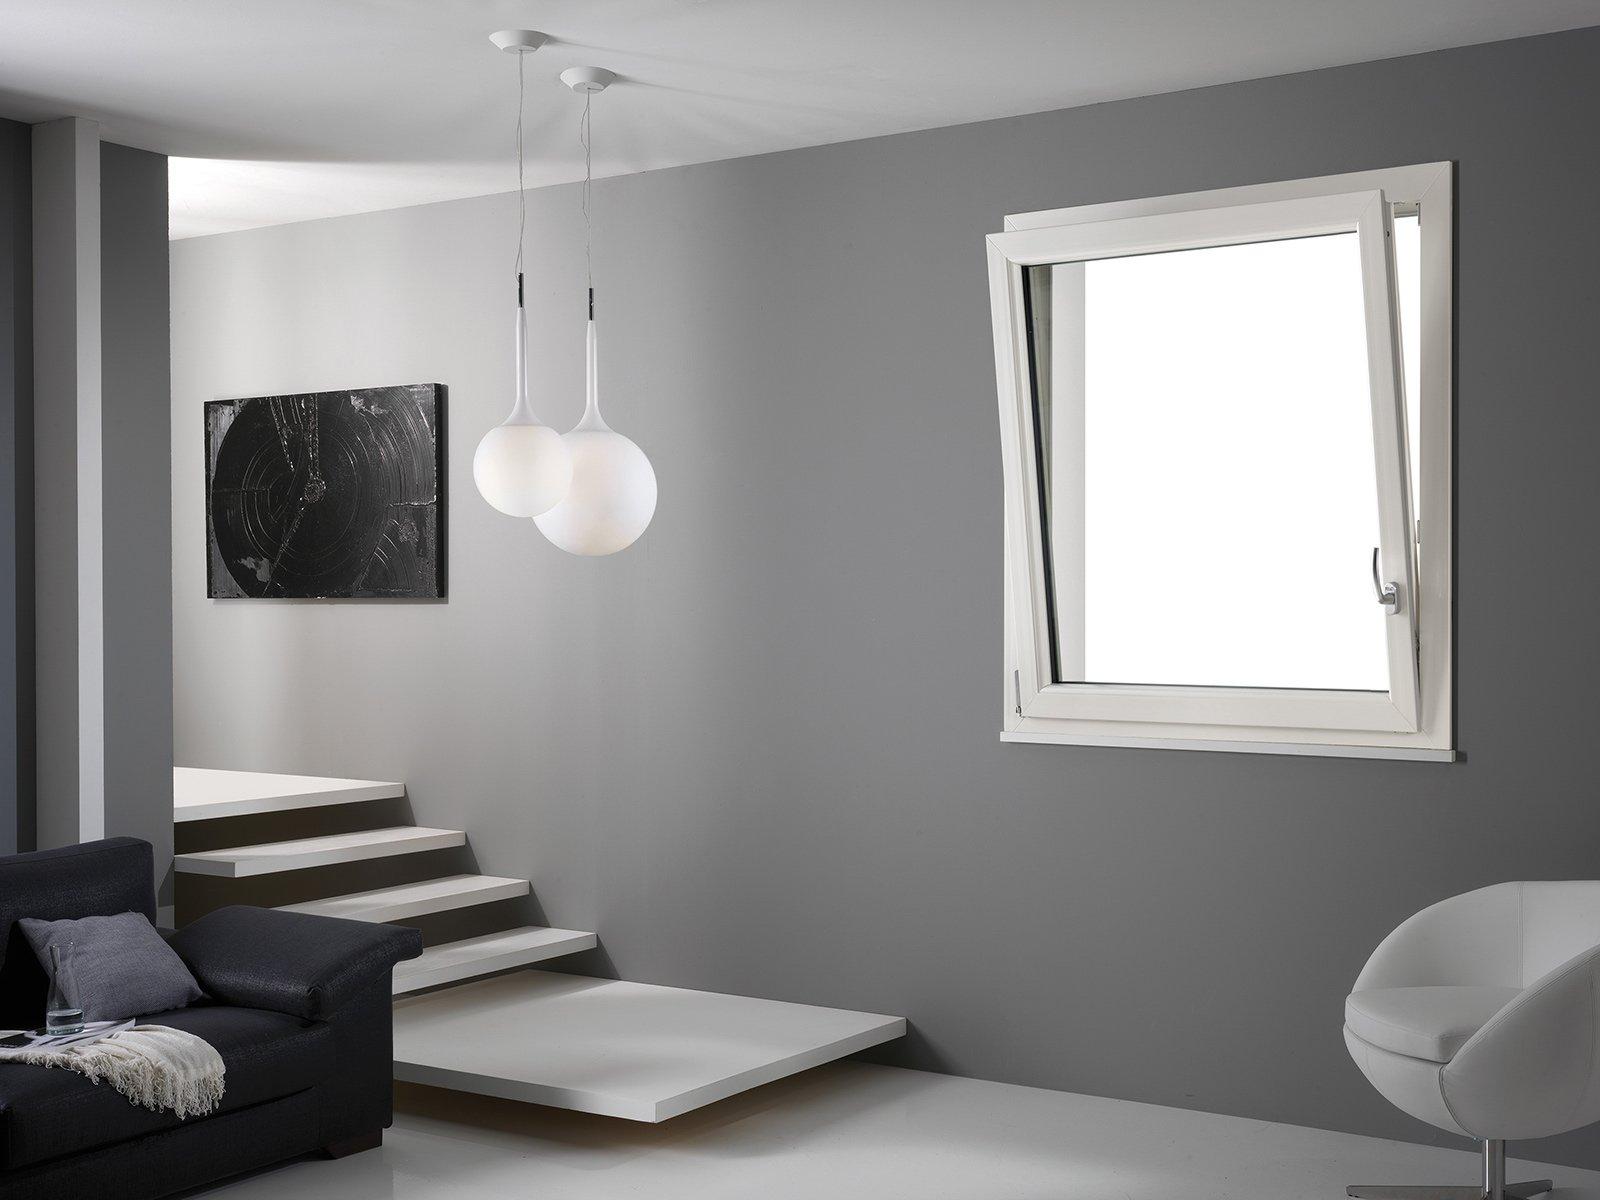 65 di sconto fiscale per le nuove finestre cose di casa - Finestre pvc su misura prezzi ...